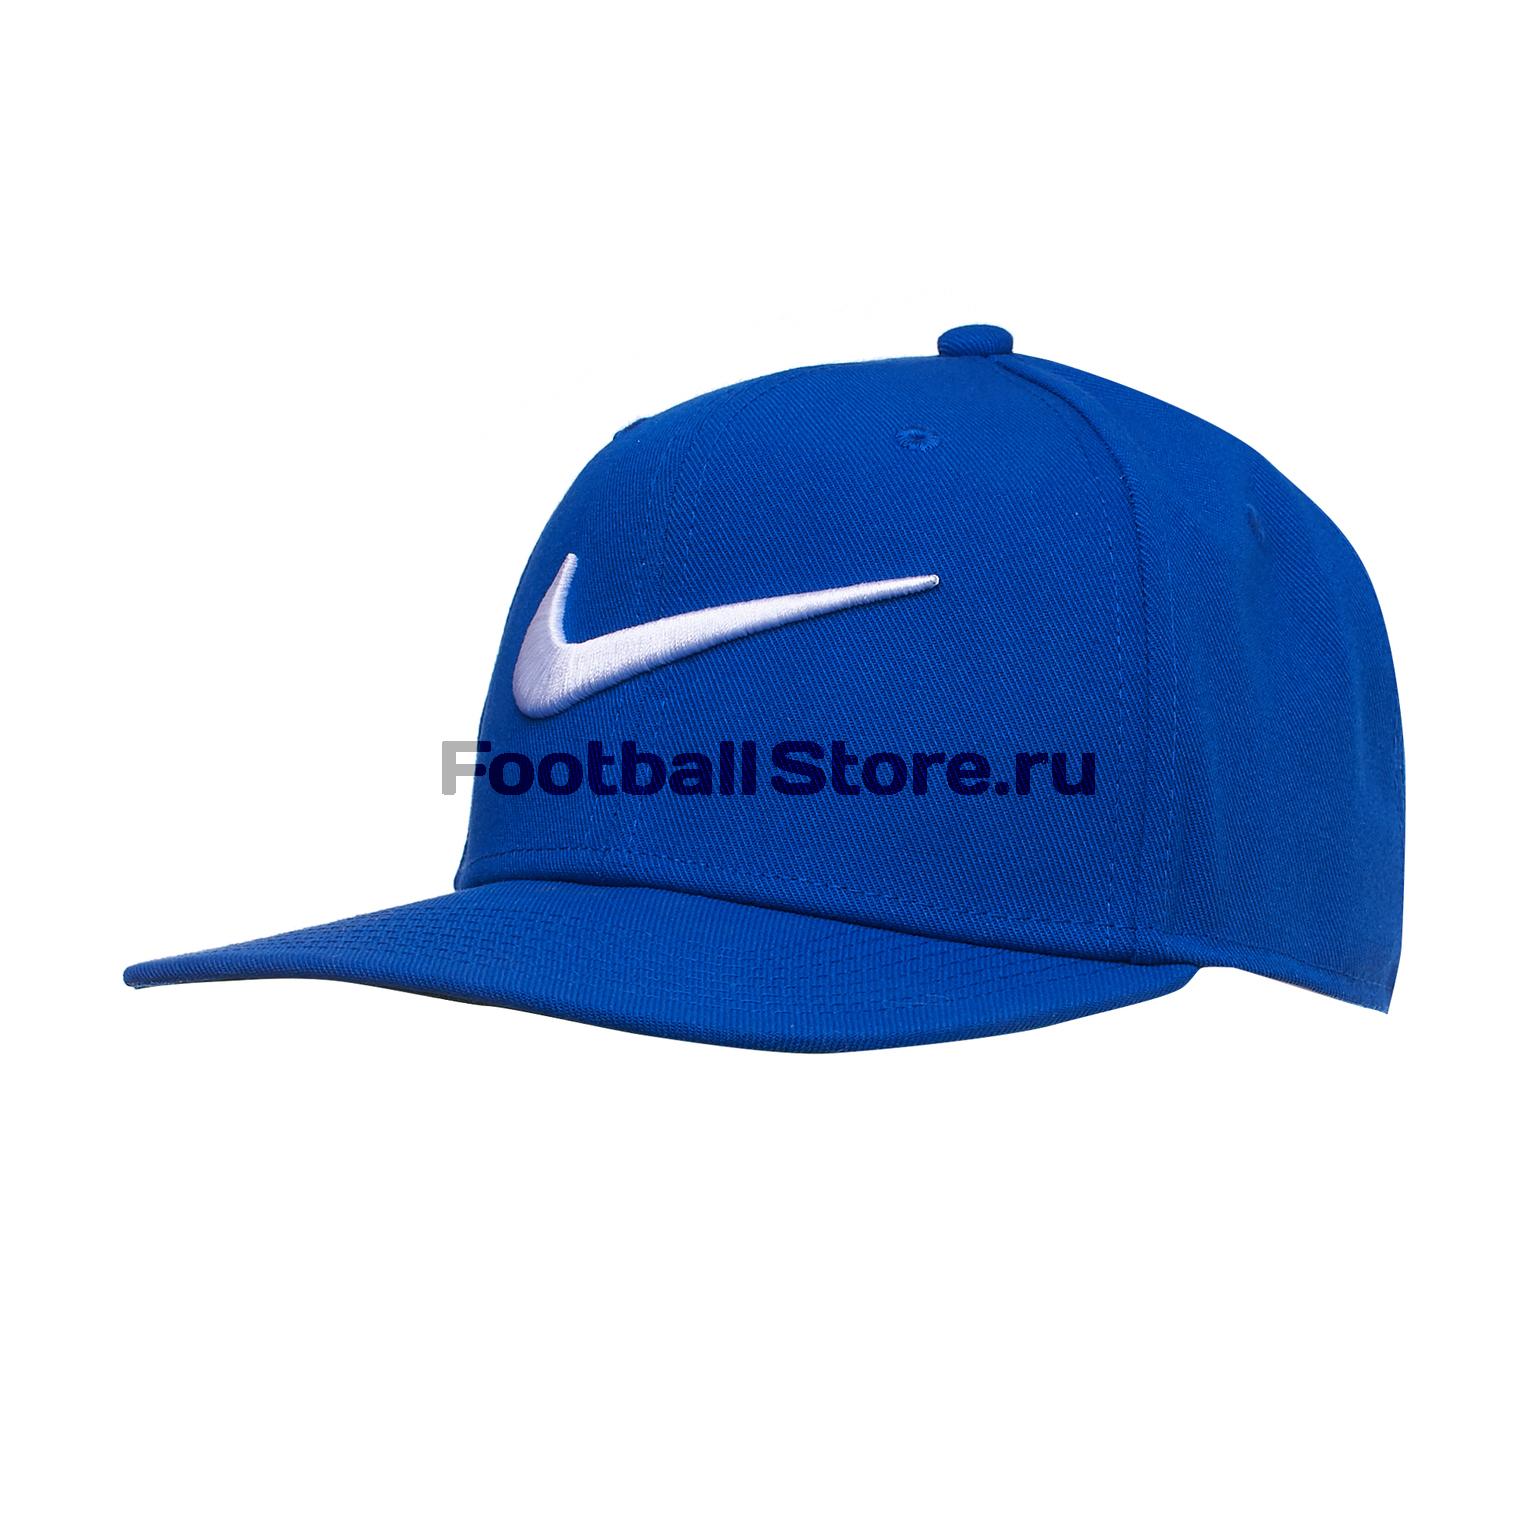 Бейсболка Nike Swoosh Pro Classic 639534-439